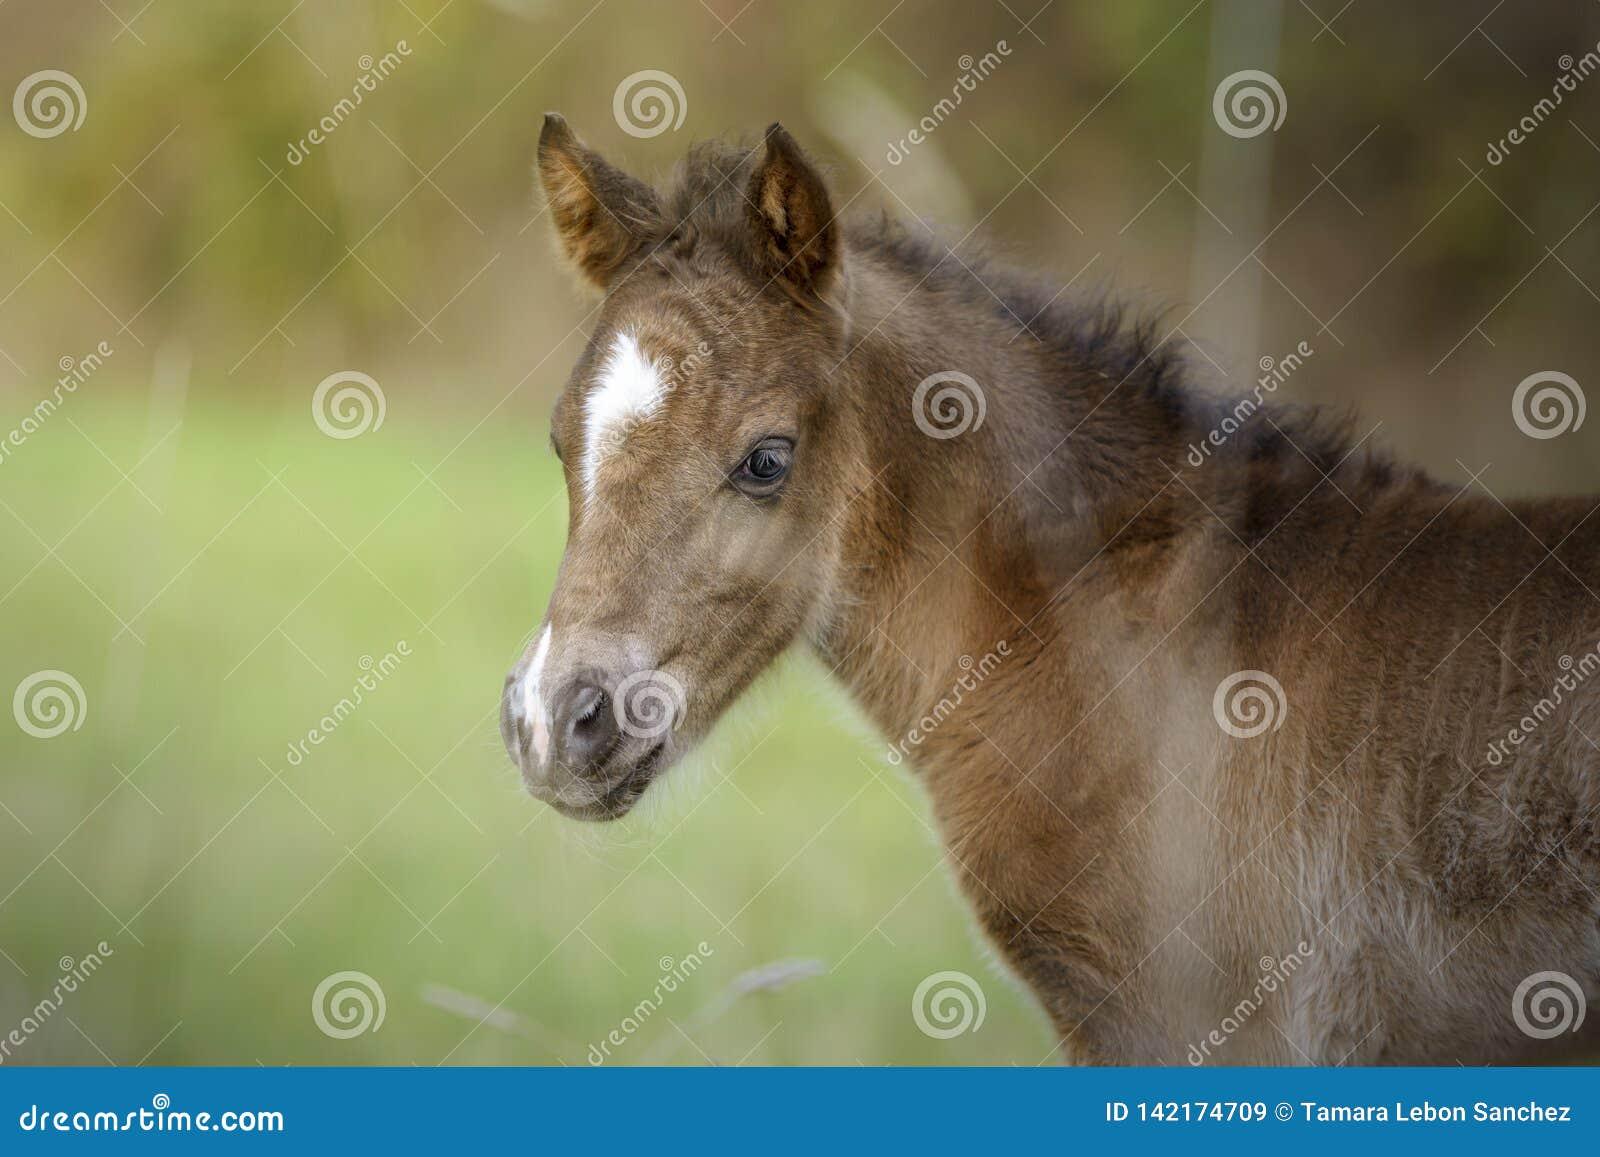 Portrait of a cute foal in the meadow